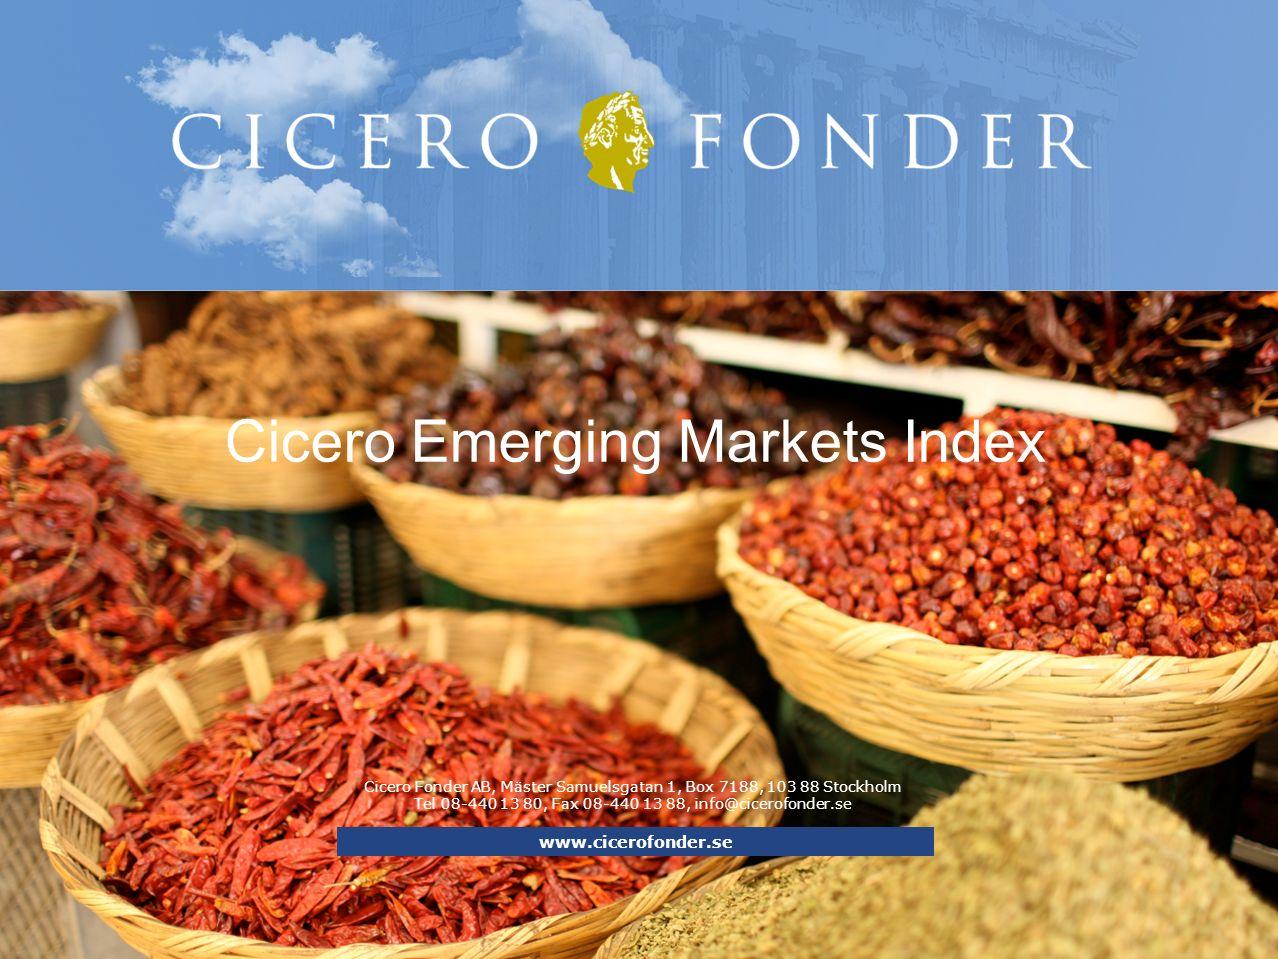 Cicero Fonder AB, Mäster Samuelsgatan 1, Box 7188, 103 88 Stockholm Tel 08-440 13 80, Fax 08-440 13 88, info@cicerofonder.se Cicero Emerging Markets I